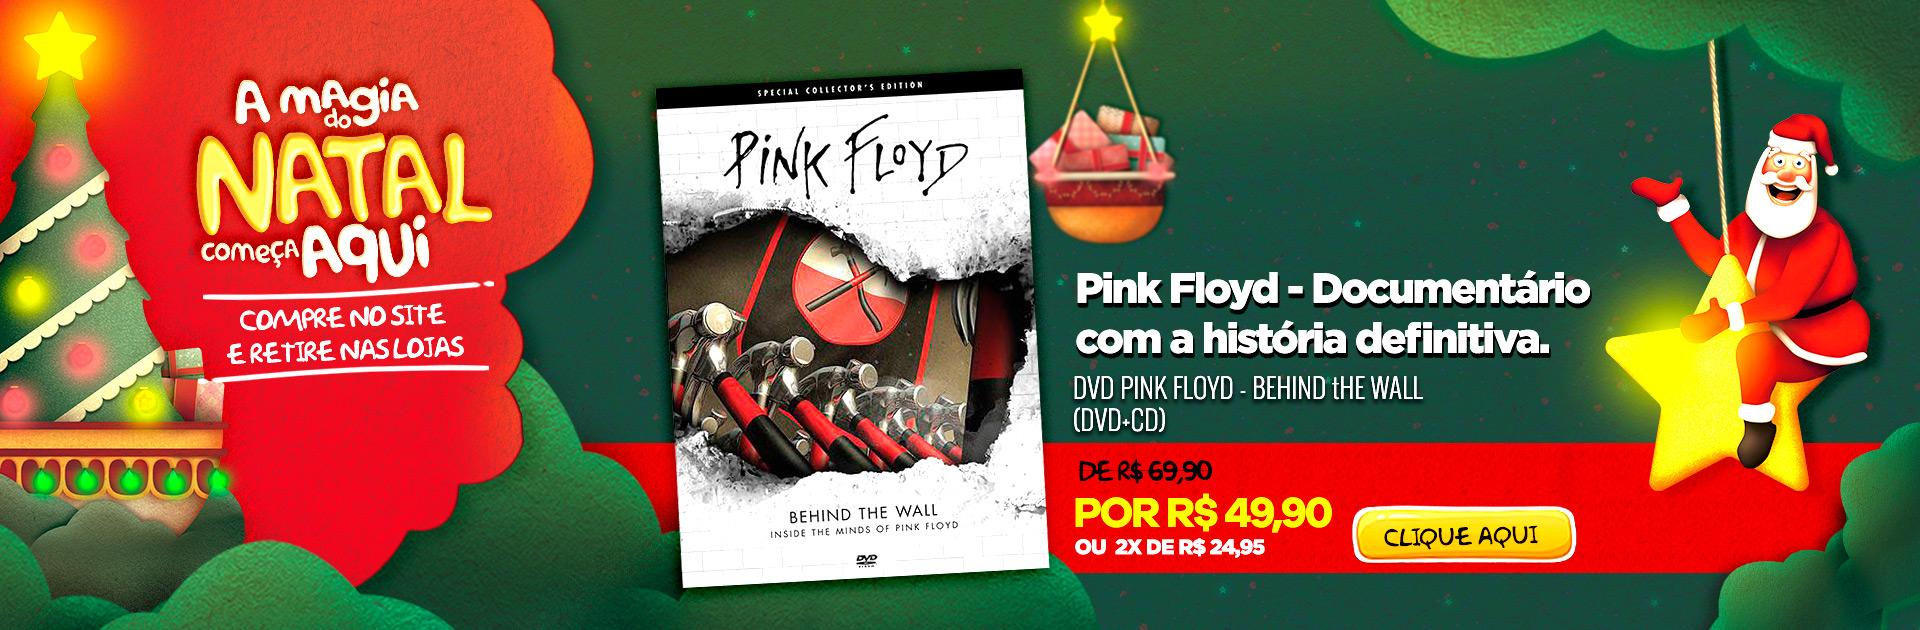 Natal - Pink Floyd